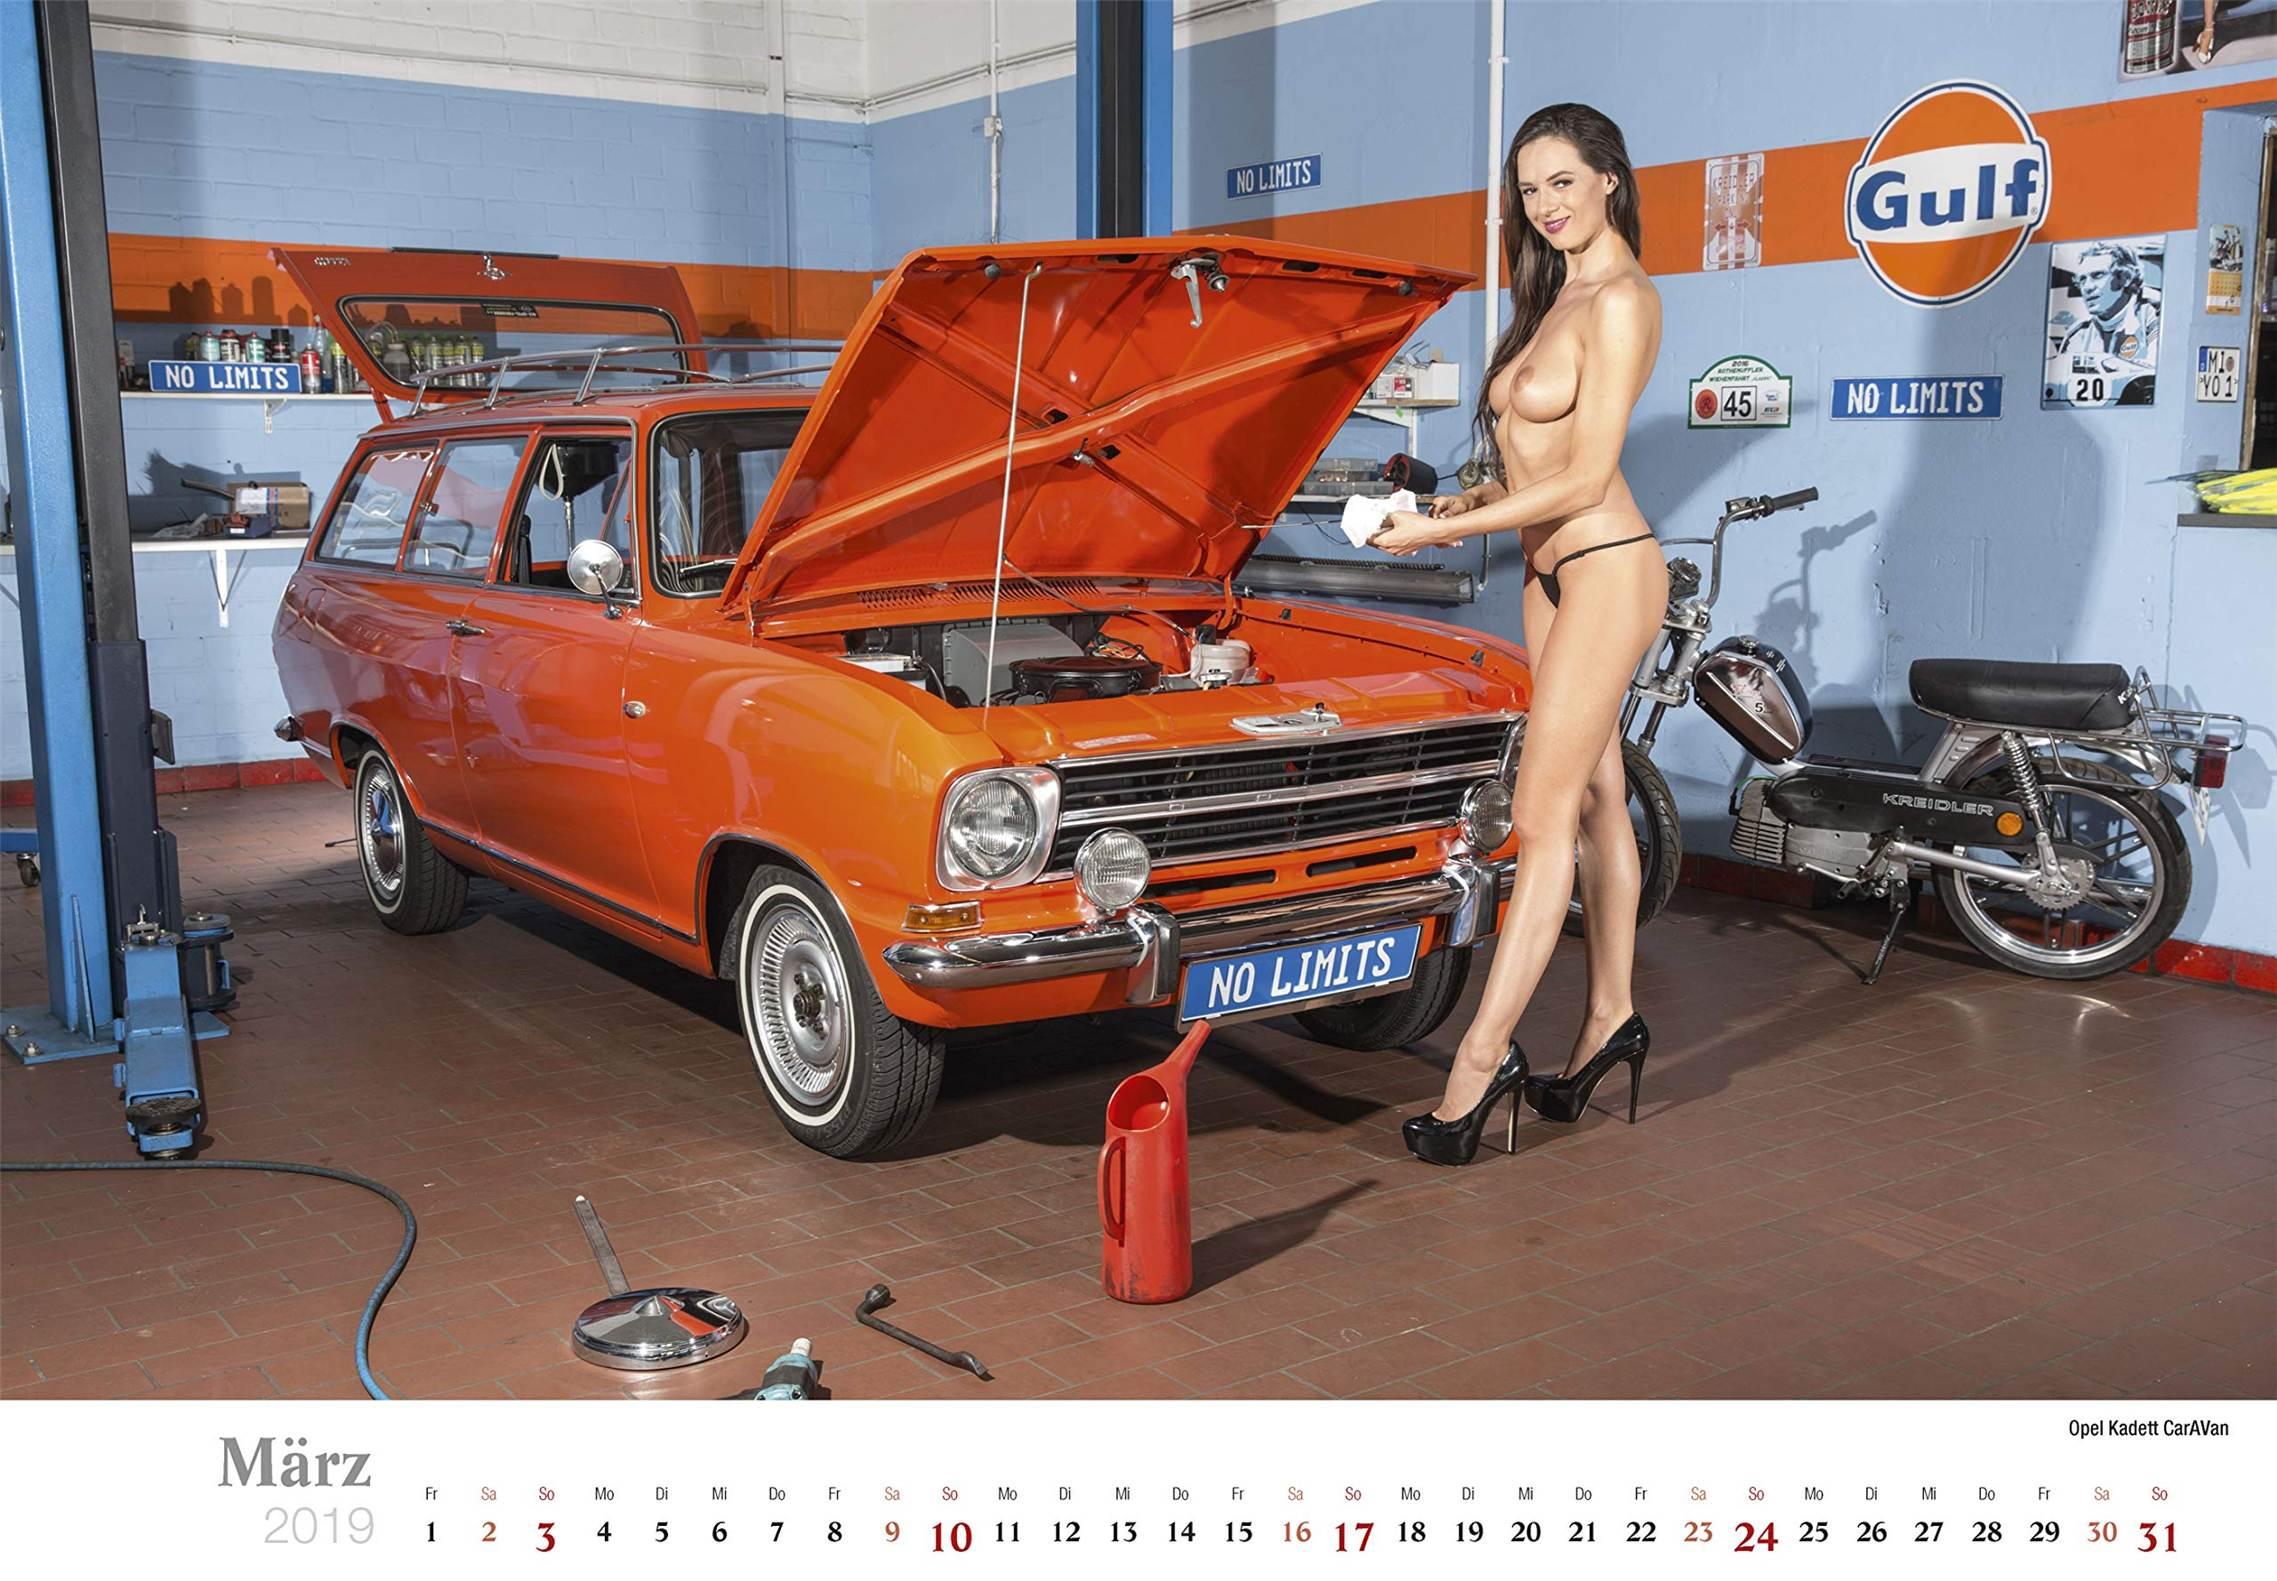 Сексуальные девушки ремонтируют автомобили / Opel Kadett CarAVan / Schraubertraume / 2019 erotic calendar by Frank Lutzeback